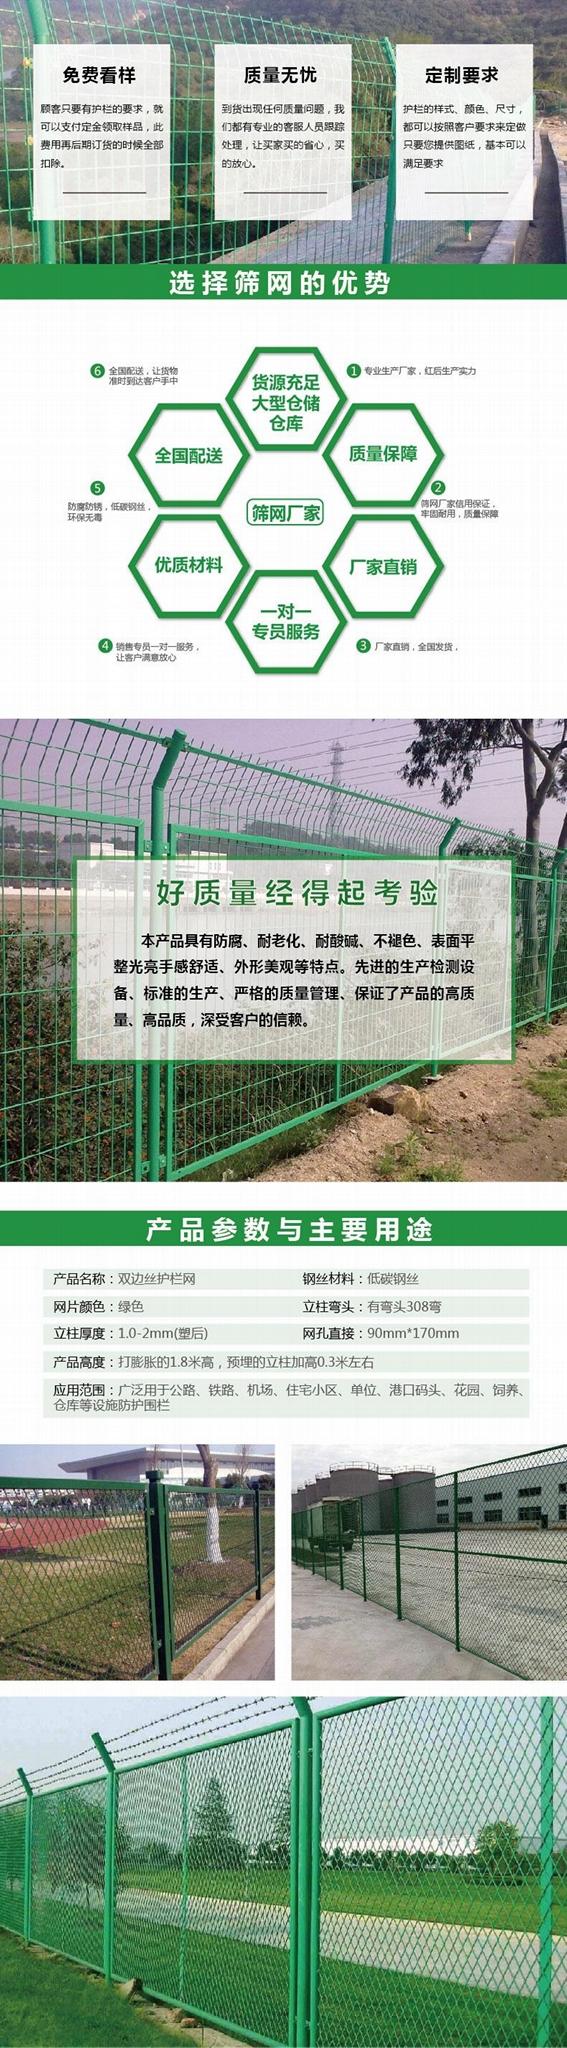 高速公路雙邊絲護欄網鐵絲網養殖圍欄雞網車間隔離圈地鋼絲荷蘭網 1